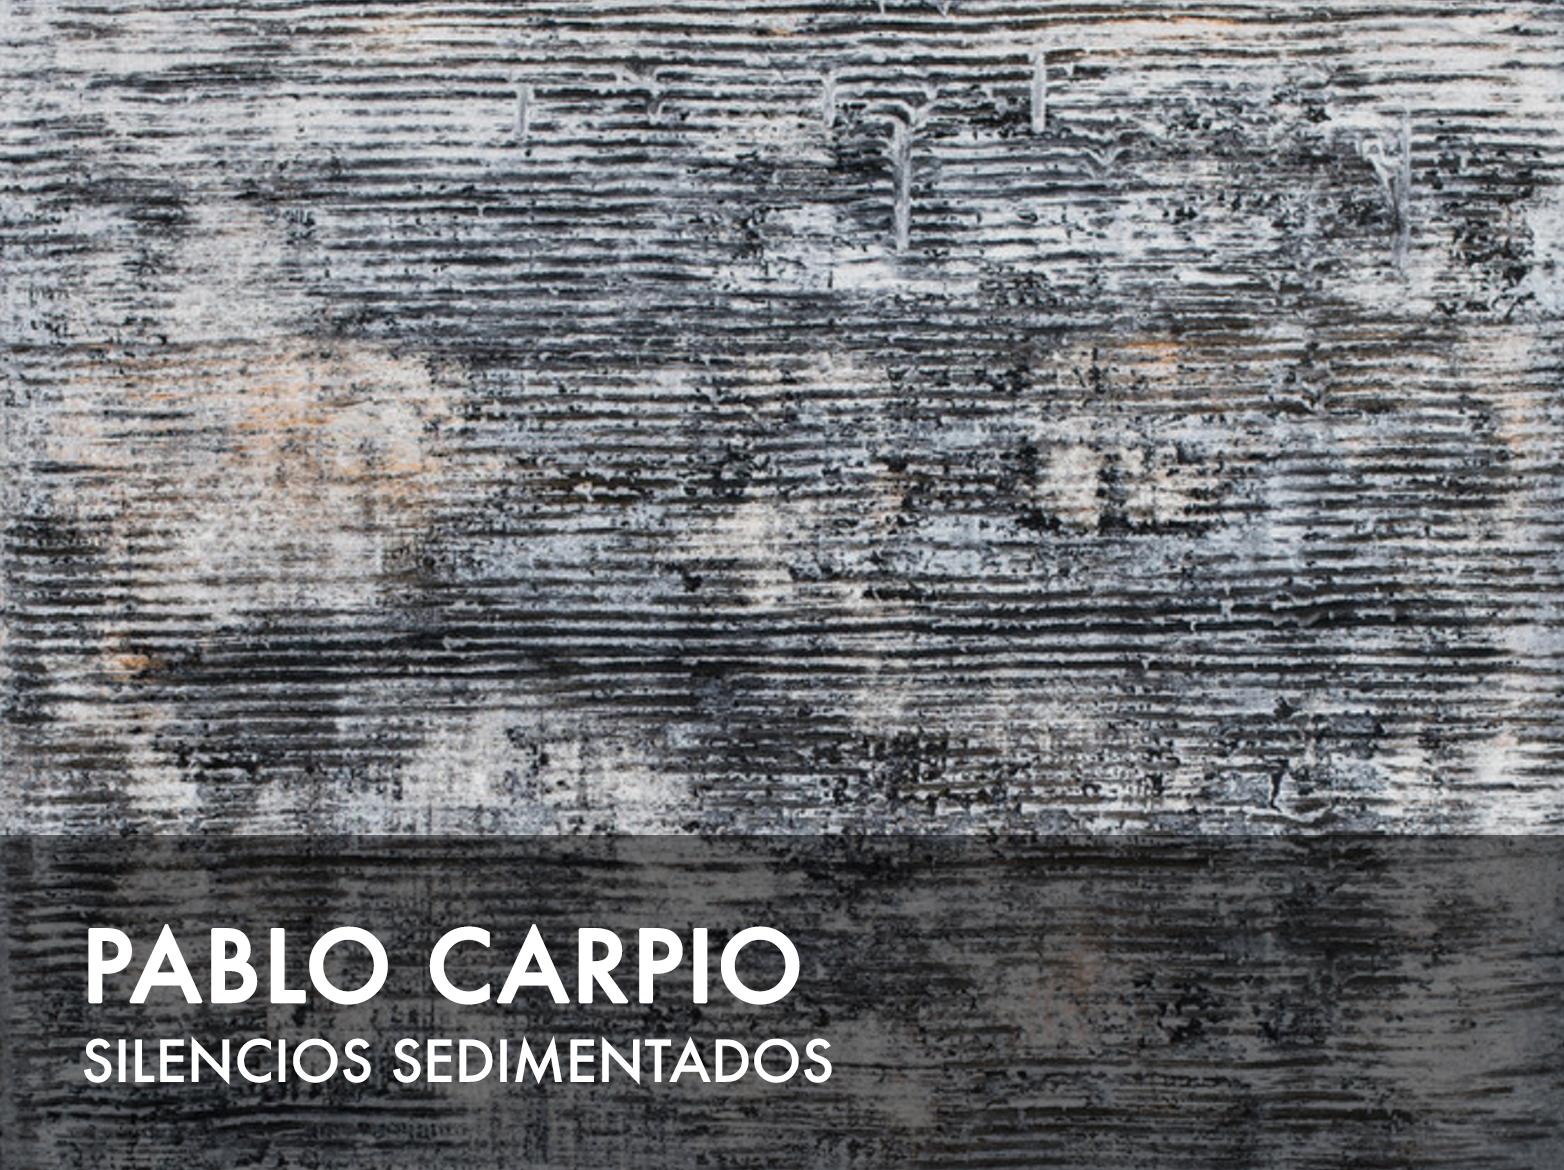 pablo_carpio_silencios_sedimentados